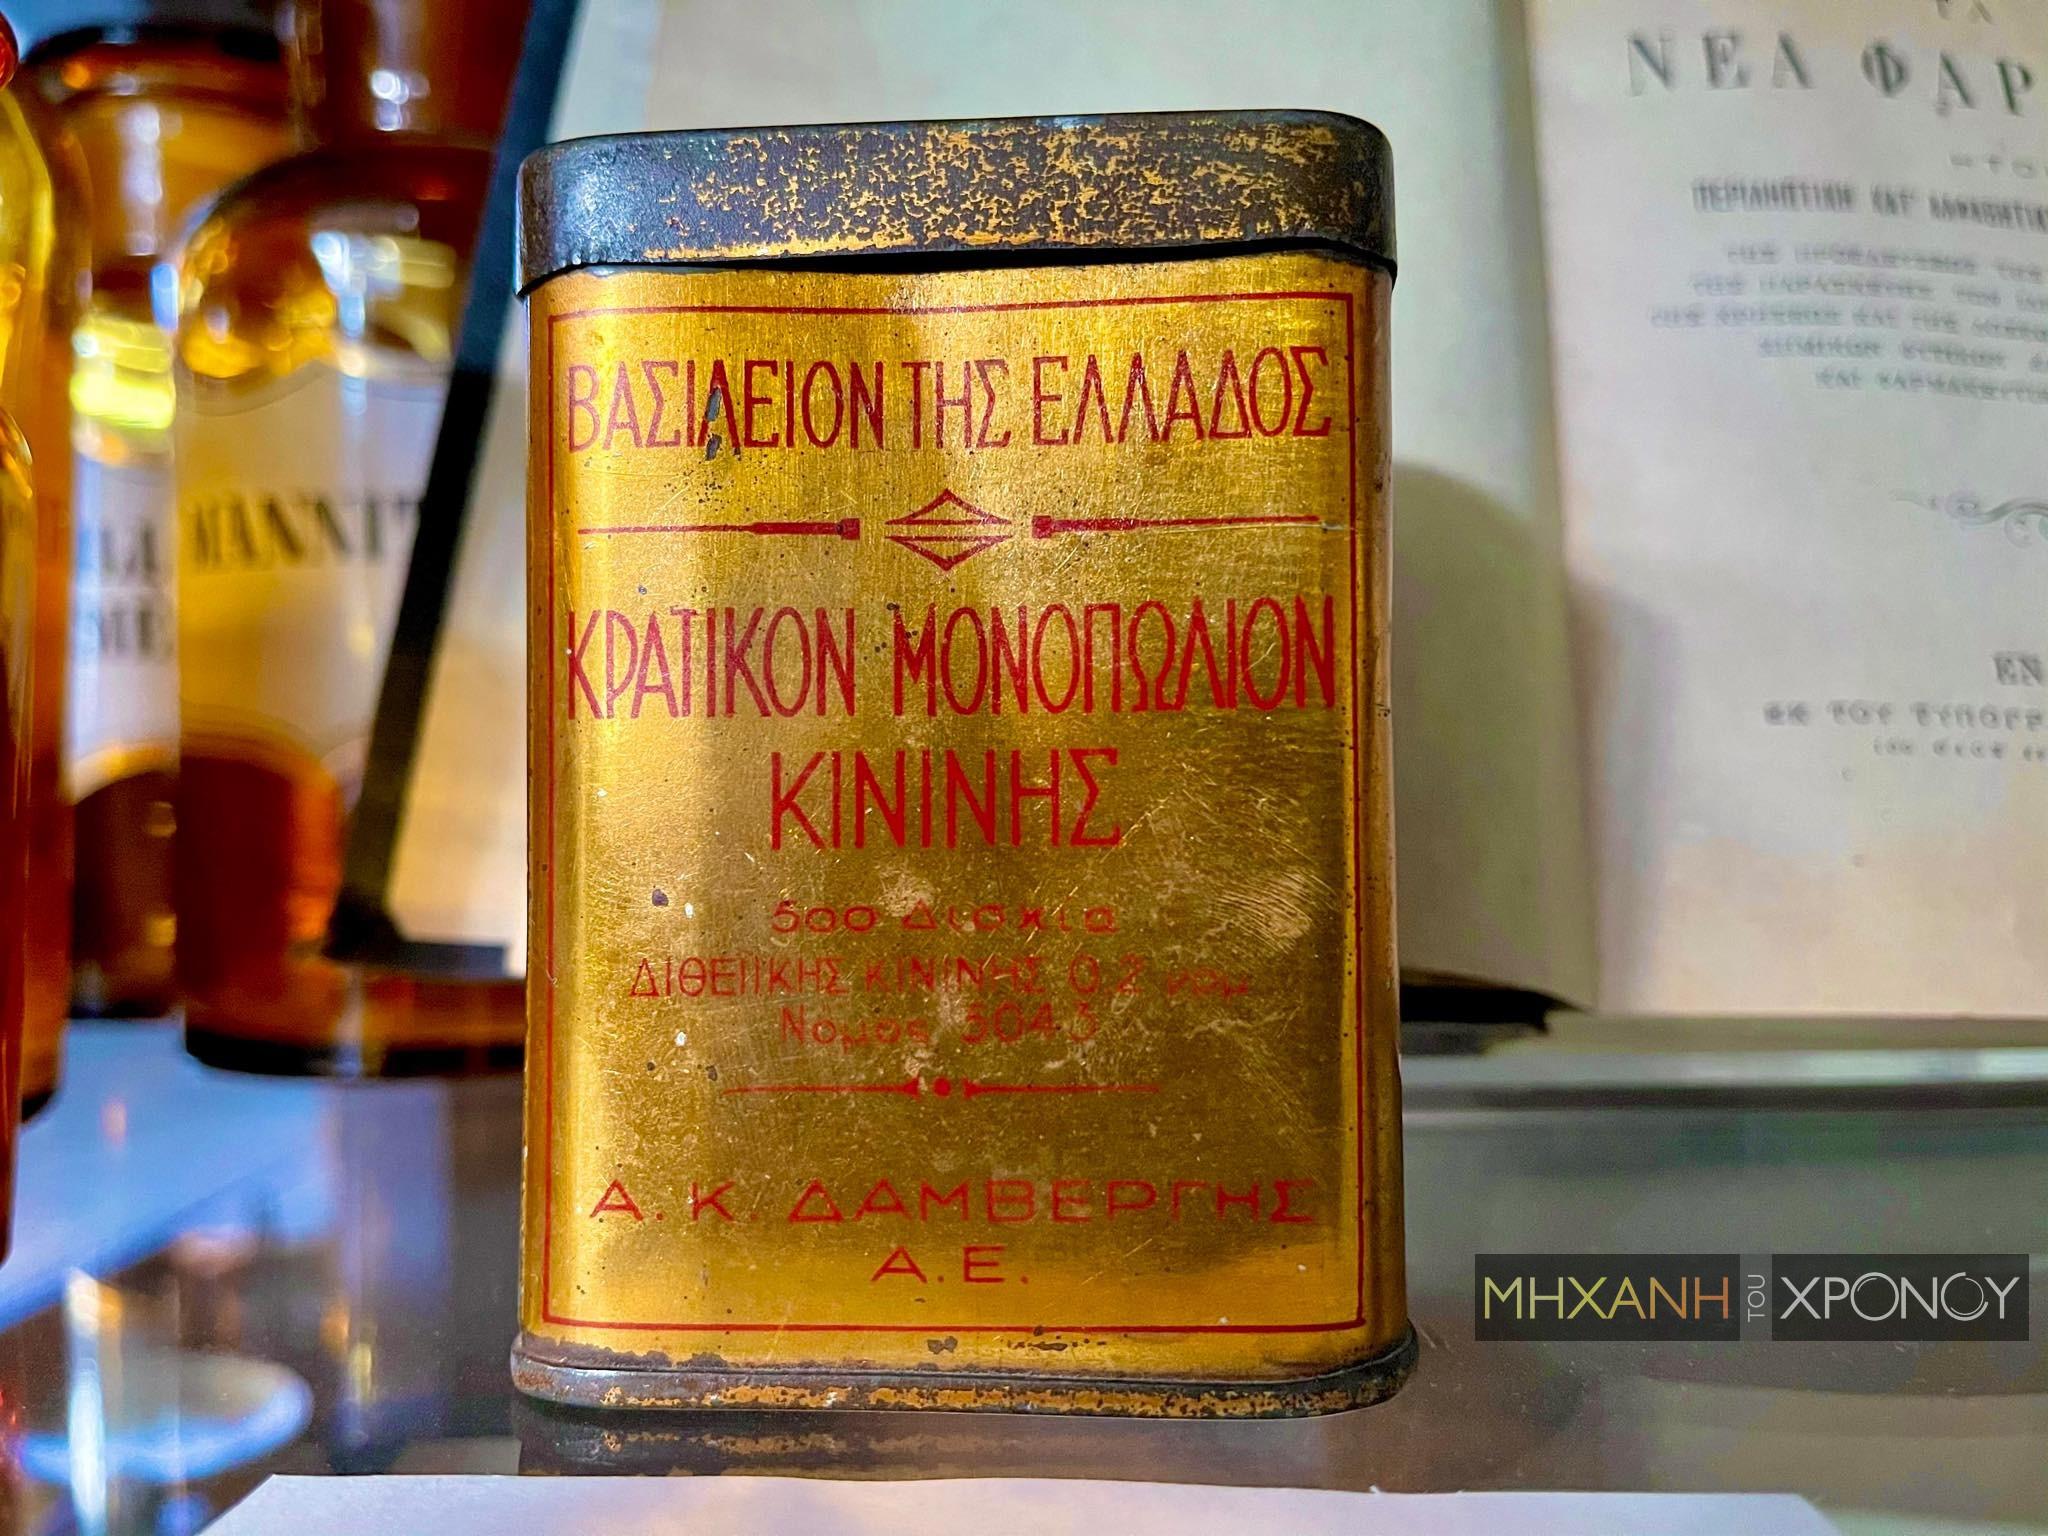 """Κινίνη. Το φάρμακο κατά της ελονοσίας που """"σάρωνε"""" στην Ελλάδα για δεκαετίες. Ήταν κρατικό μονοπώλιο και οι επιτήδειοι τη νόθευαν για να βγάλουν μεγαλύτερες ποσότητες"""